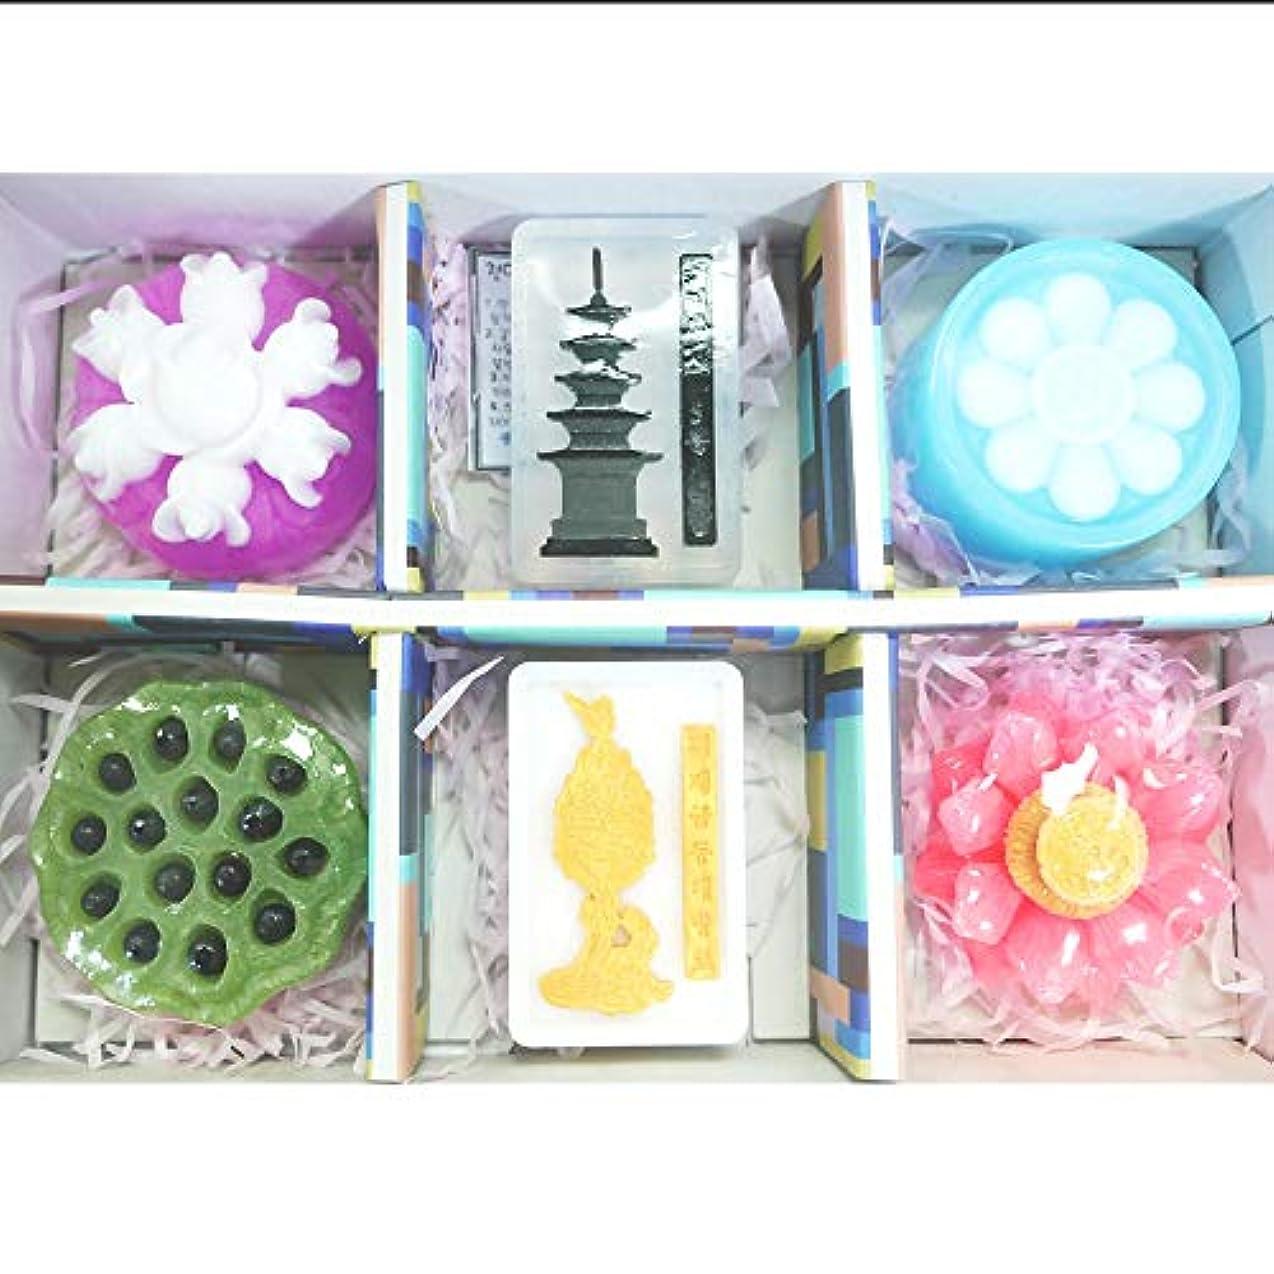 処理橋キャラクター[ソドン] 韓国 百済 手漉き石鹸 1 セット(3.5オンスx 6石鹸)